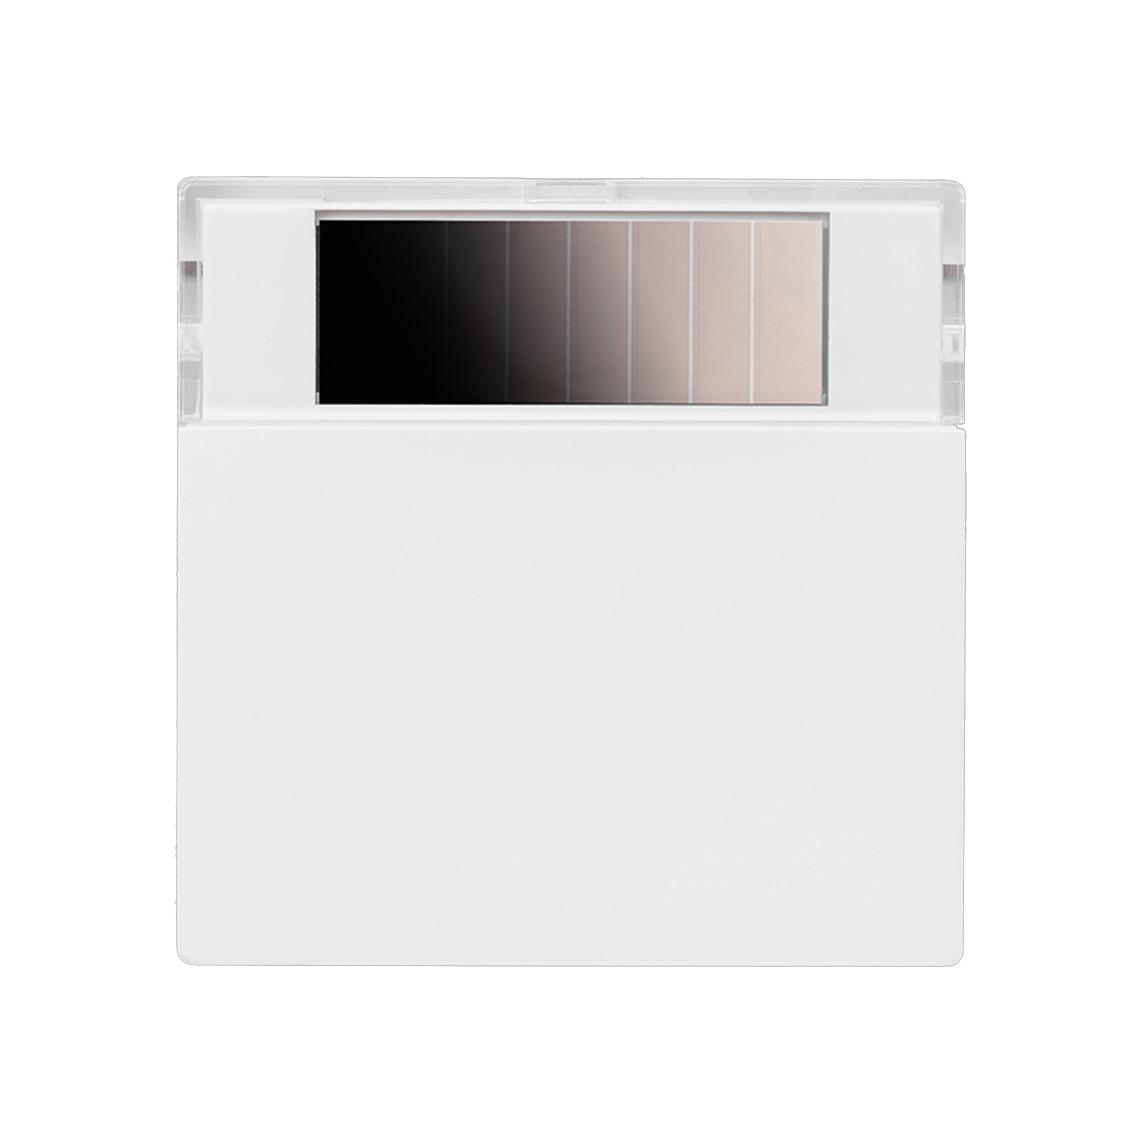 SR07 Temp_rH reinweiß glänzend ohne Rahmen Produktbild